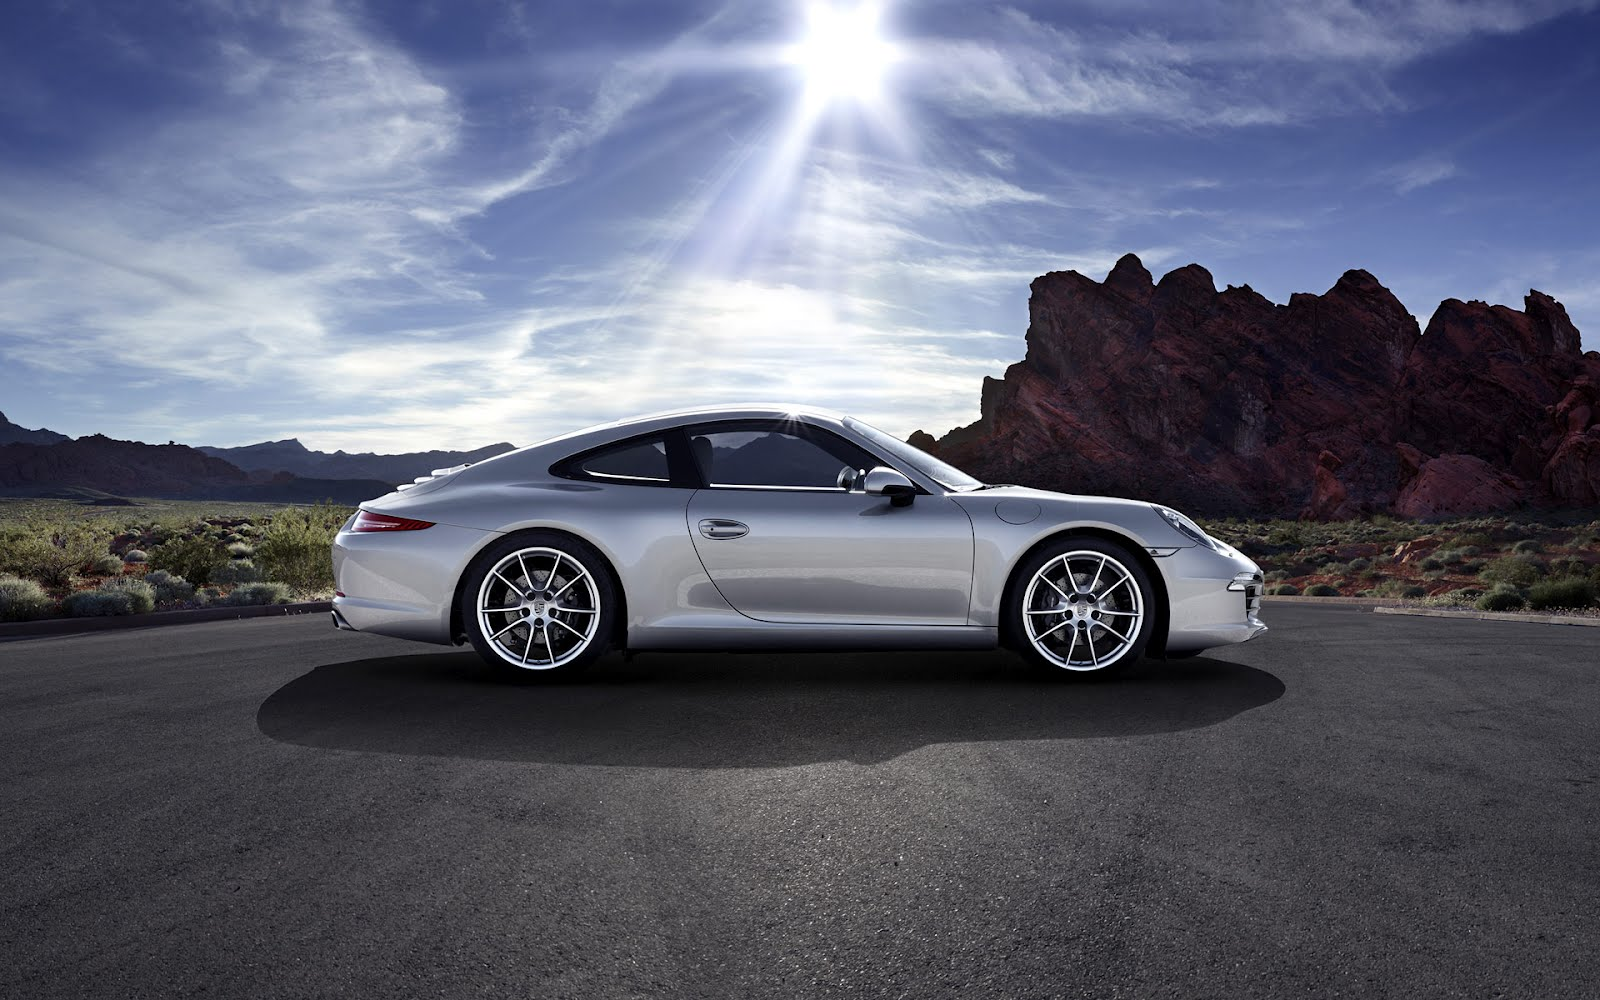 Porsche 911 carrera hd wallpaper car wallpaper hd - Porsche 911 carrera s wallpaper ...